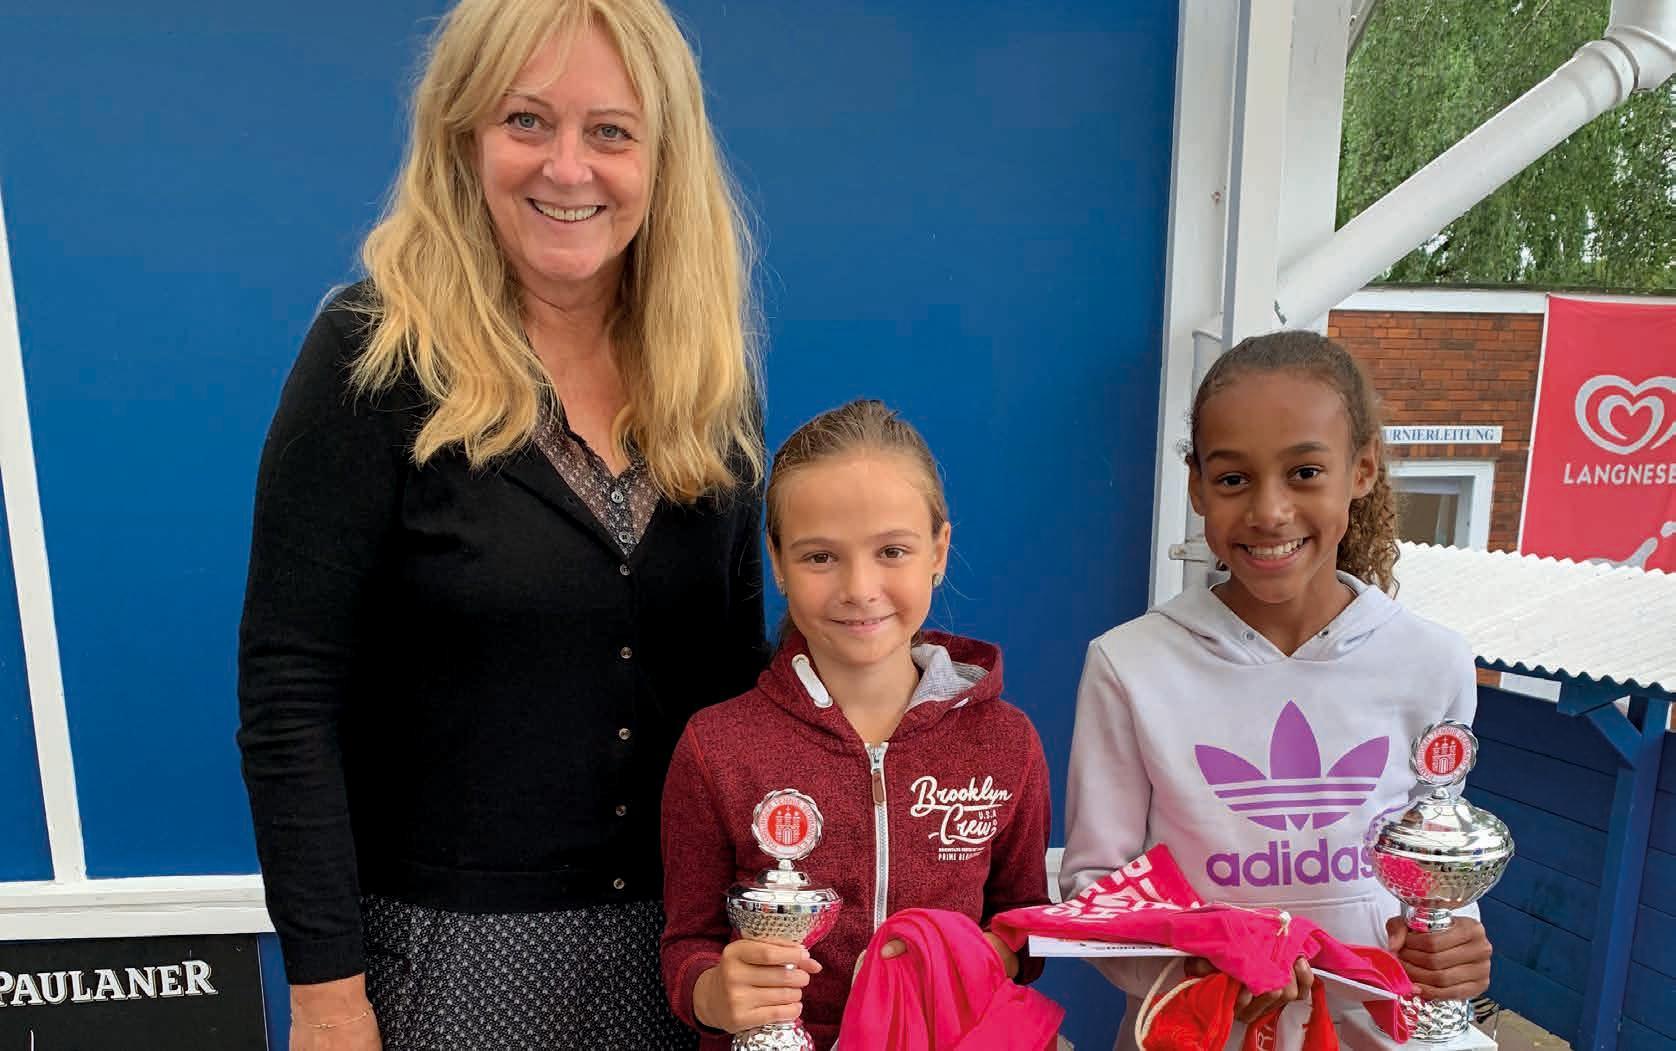 Juniorinnen U10: v.r. Michelle Geznenge (TSV Niendorf) – Sara Musinbegovic (THK Rissen) 6:3, 6:2, Jugendwartin Sigrid Rinow freut sich mit.